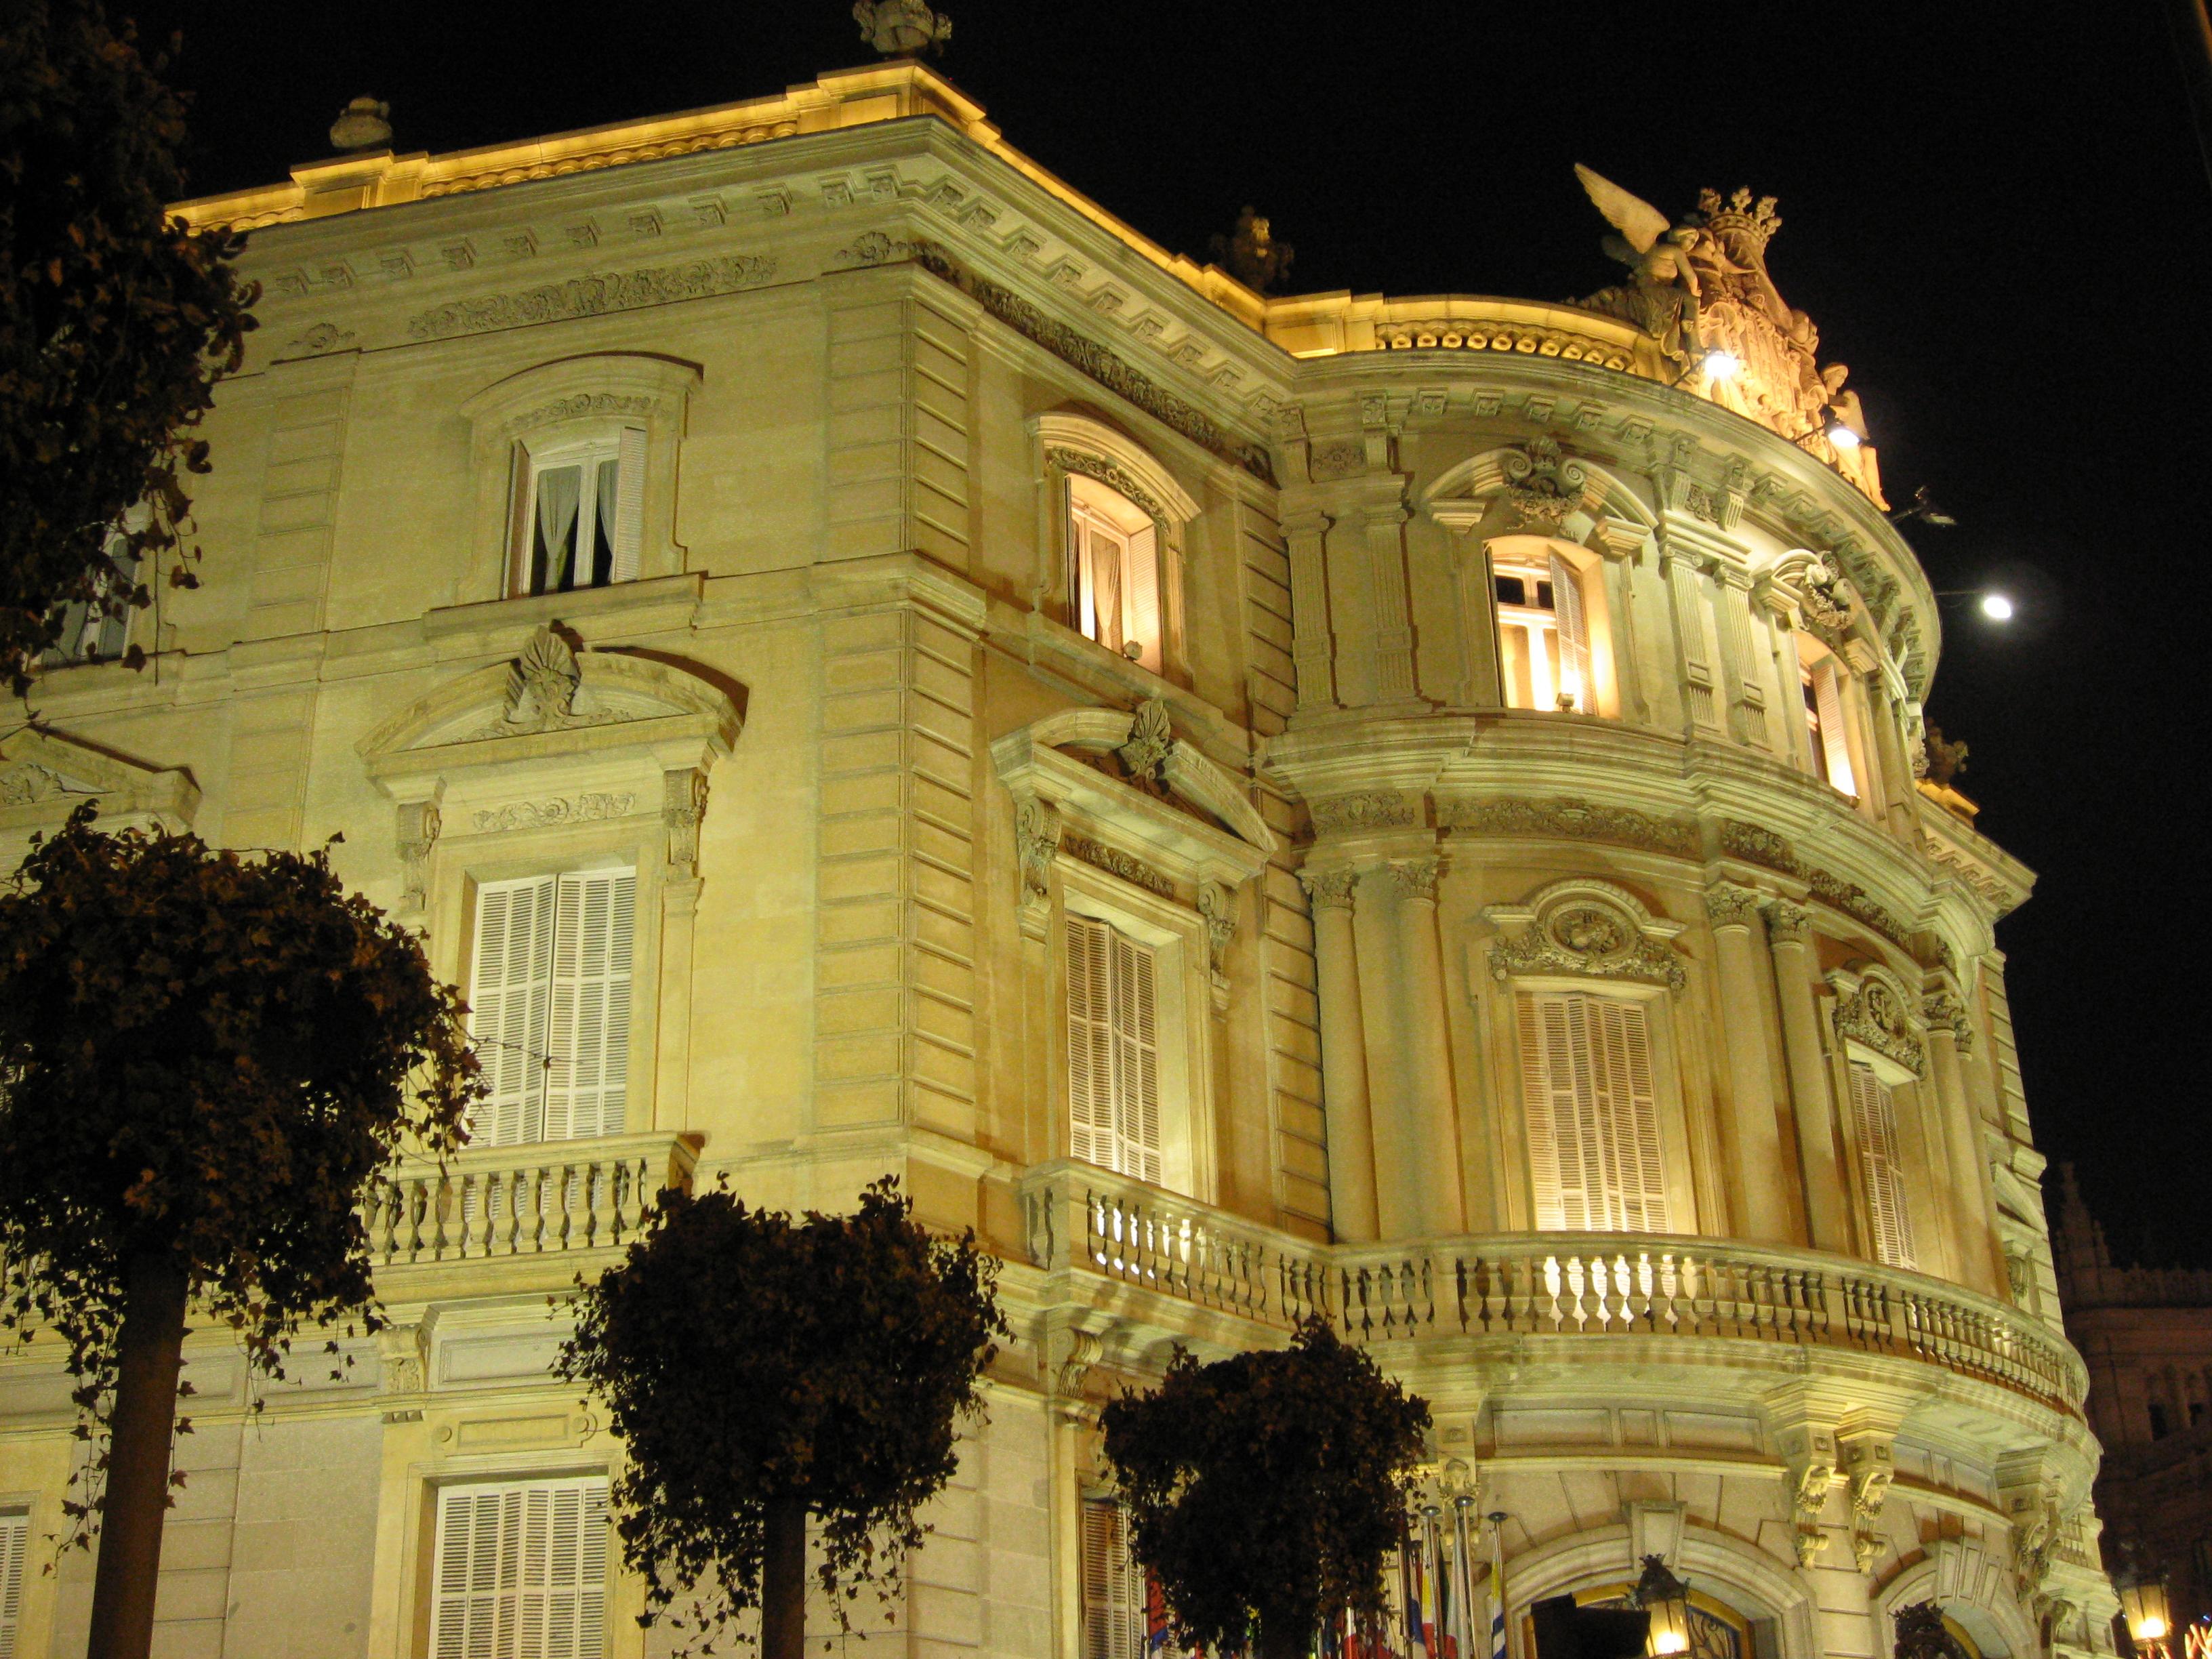 Palacio de Linares - España Palacio_de_Linares_(Madrid)_01